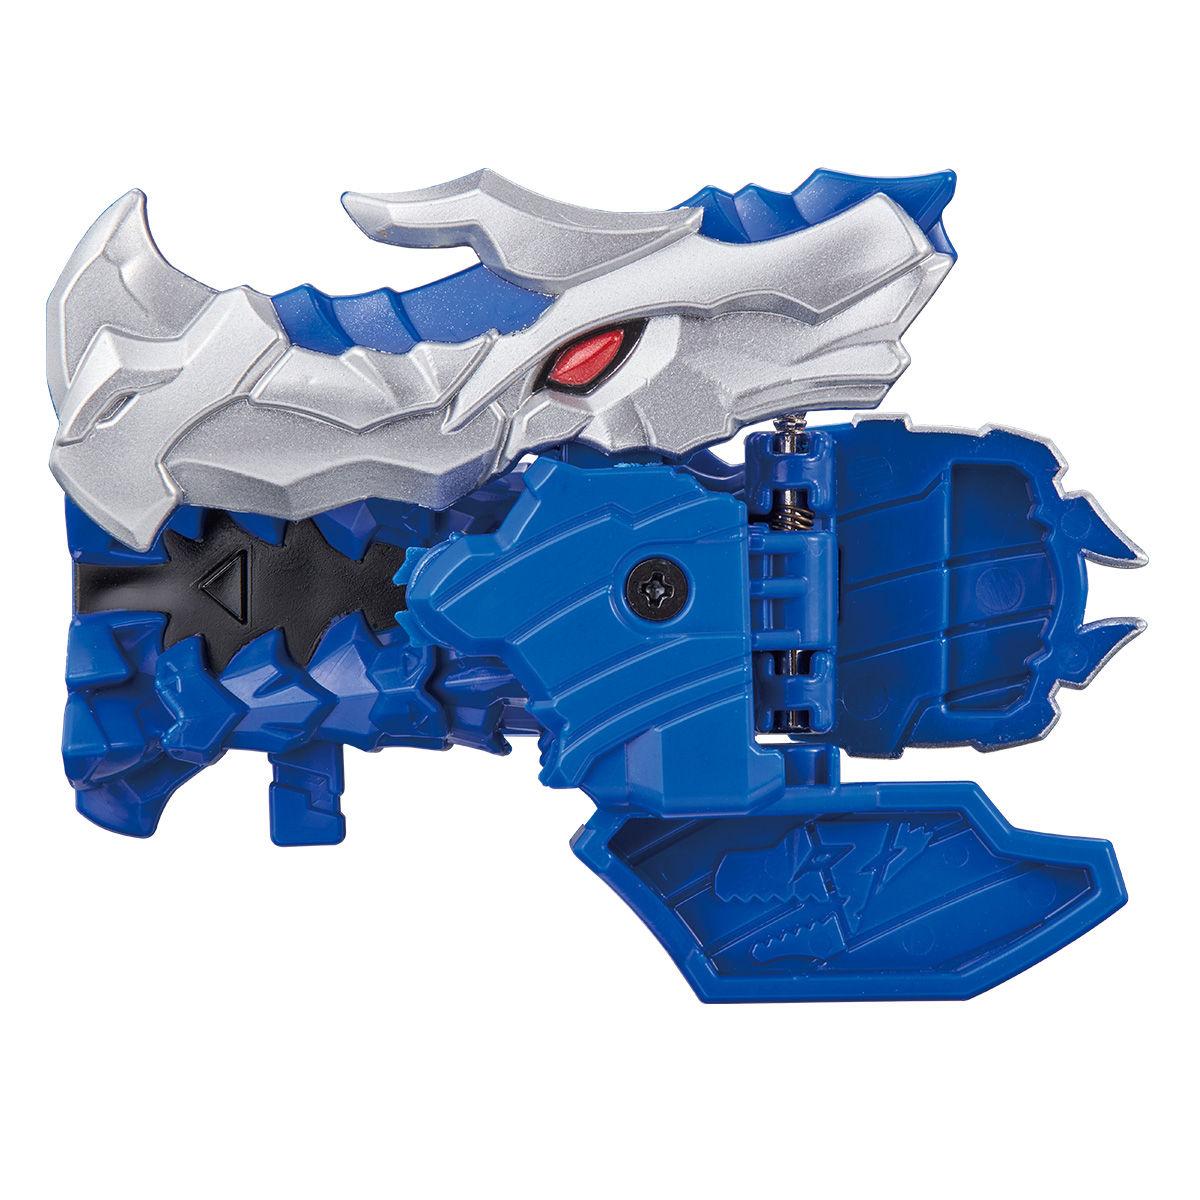 騎士竜戦隊リュウソウジャー『騎士竜シリーズ02&03 DXトリケーン&アンキローゼ』可変可動フィギュア-005